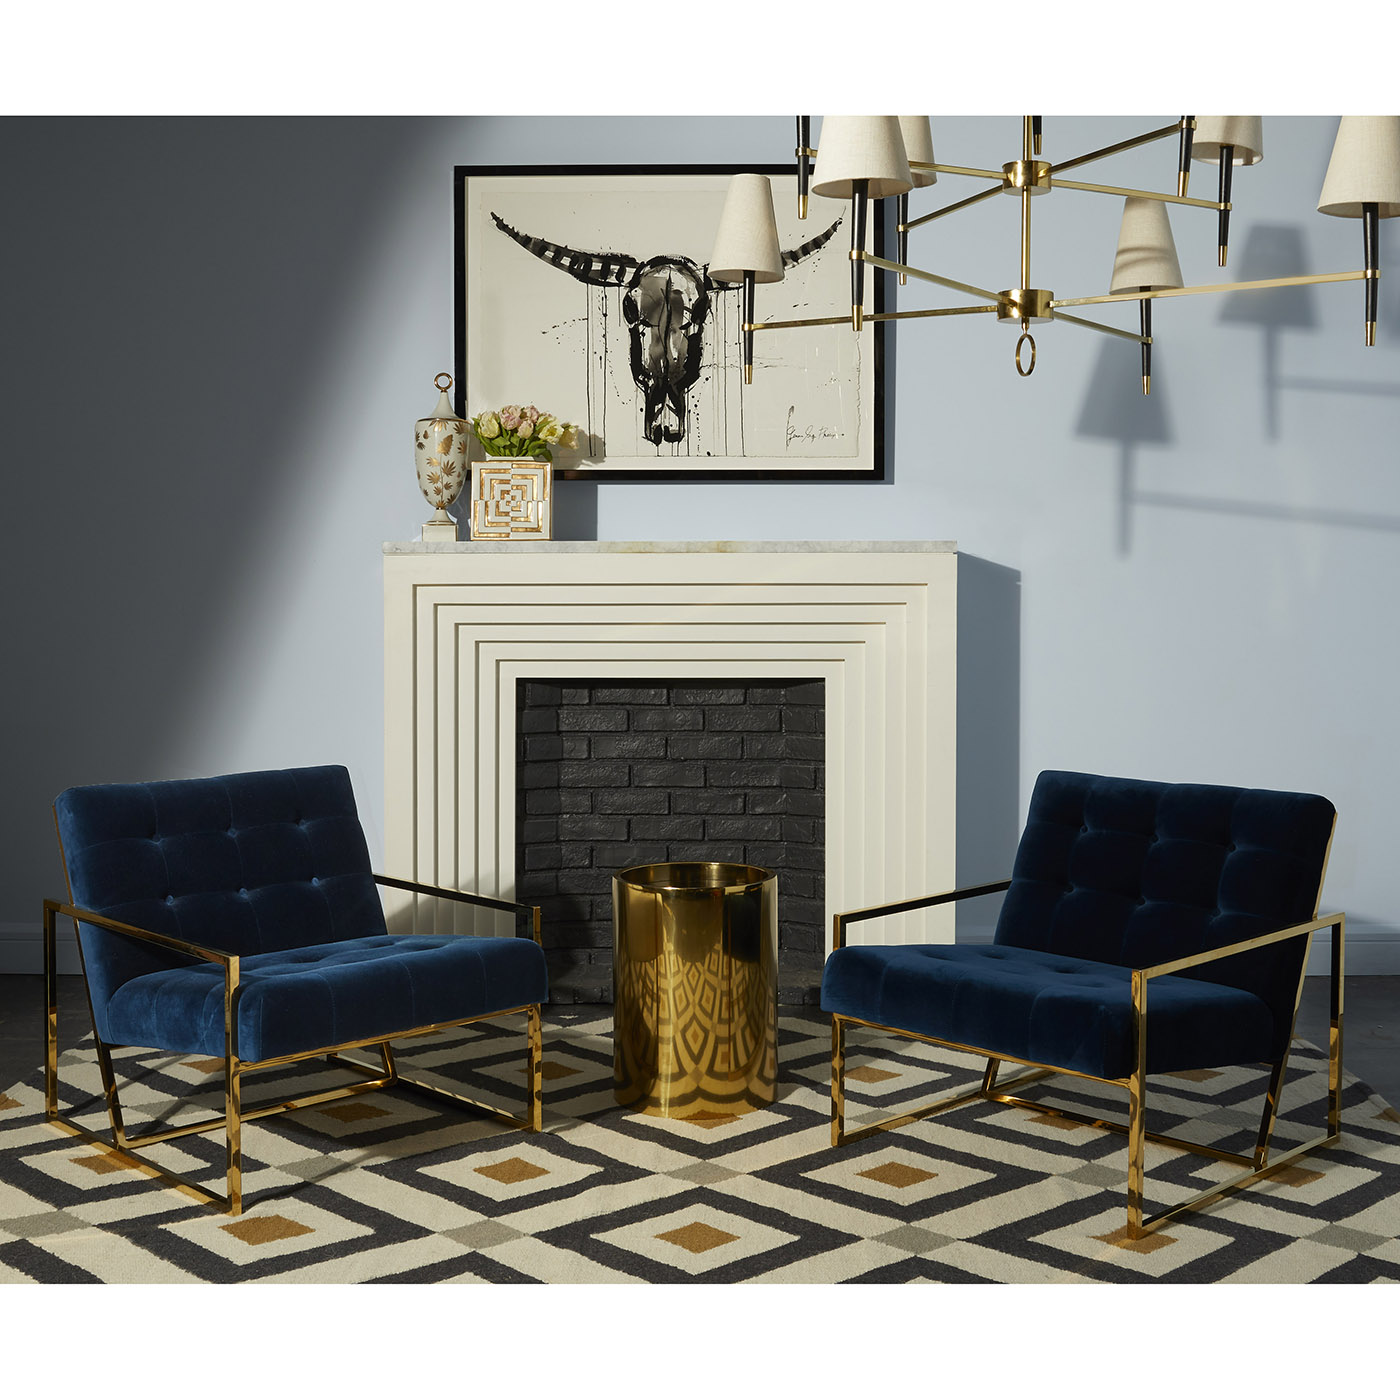 jonathan adler Jonathan Adler: Modern Chairs in a Mid-Century Modern Style Jonathan Adler Modern Chairs in a Mid Century Modern Style 4